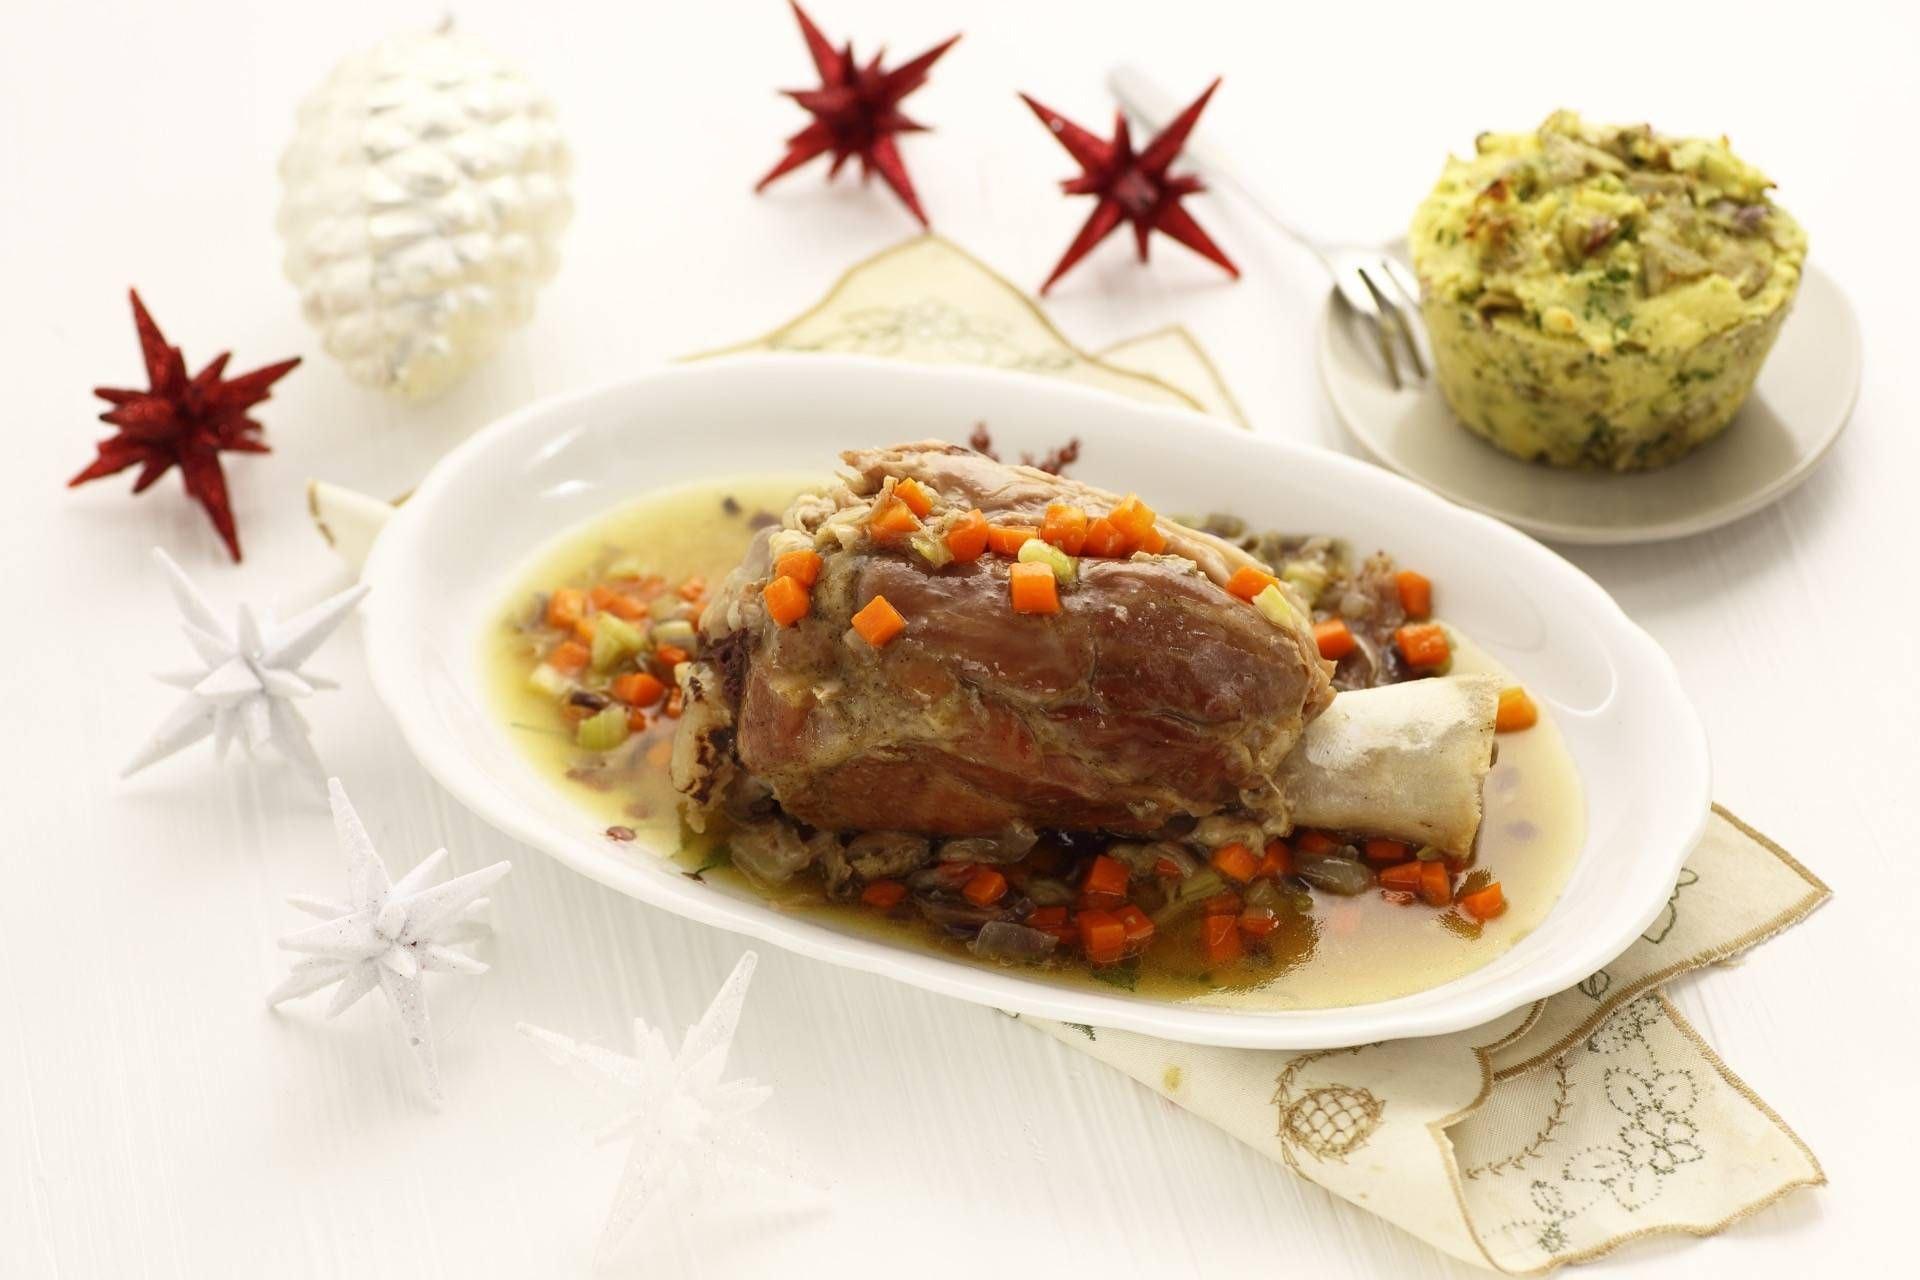 Stinco brasato con flan di patate e carciofi - Parmalat